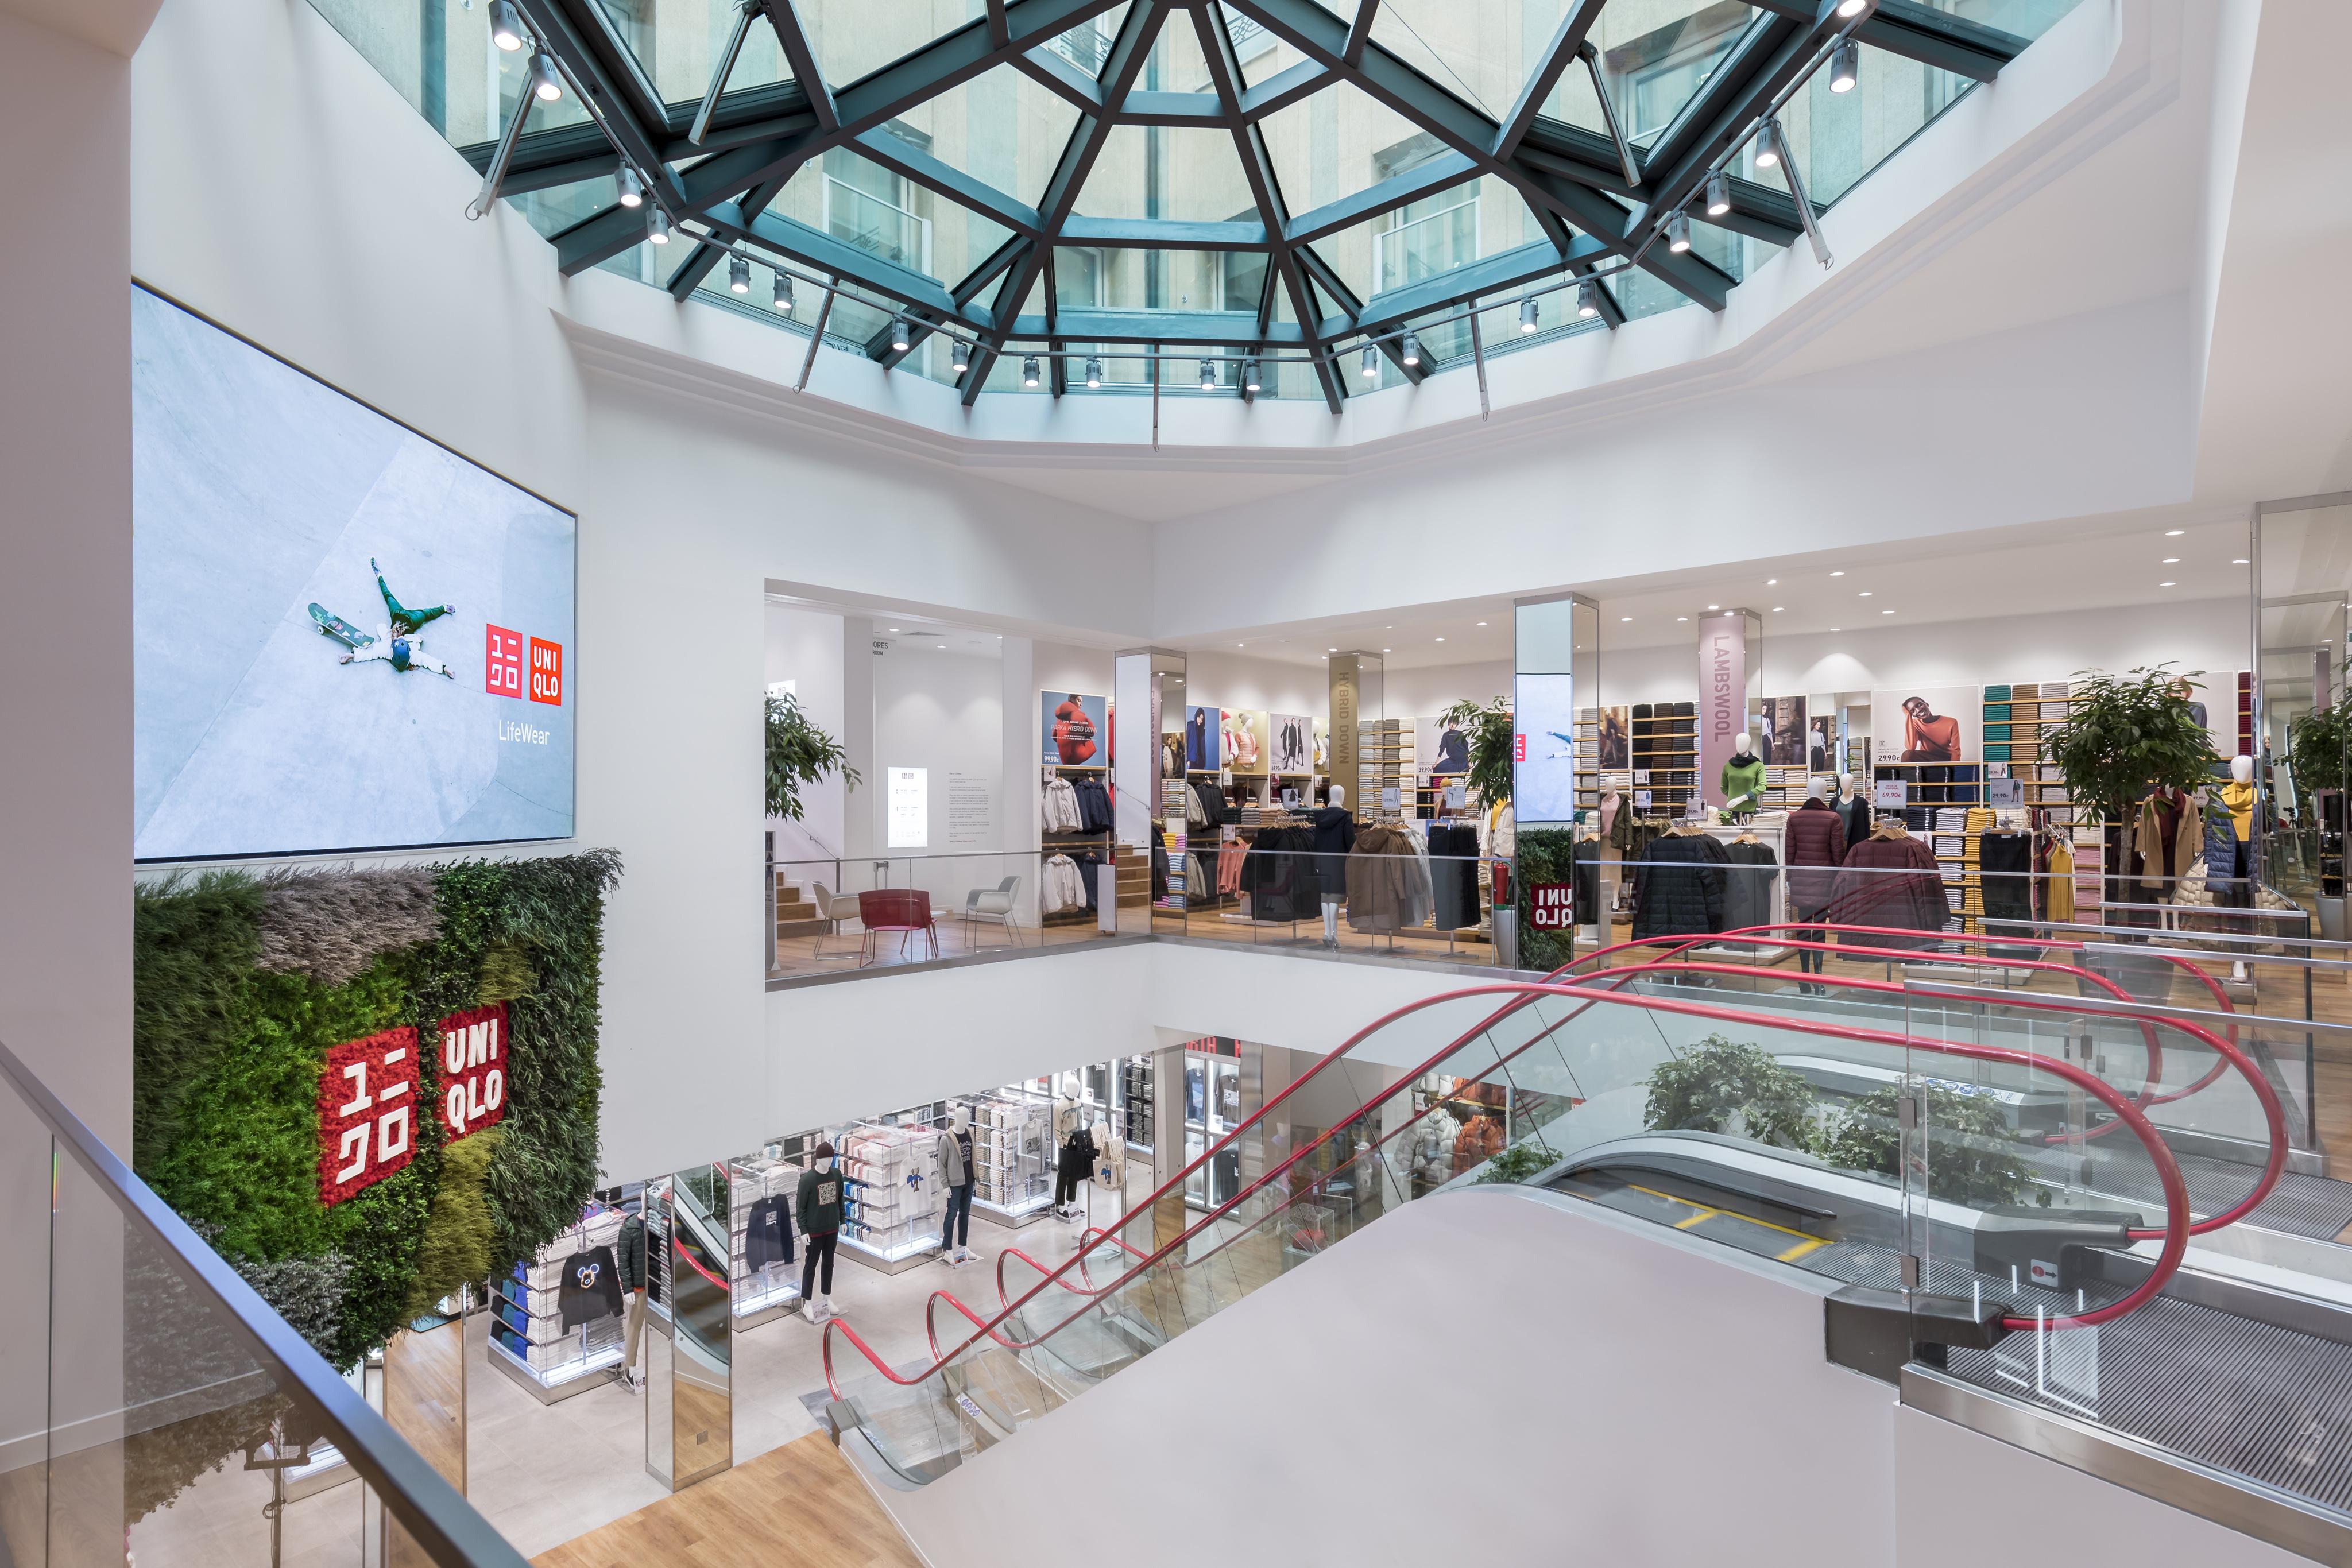 Uniqlo abre el 17 de octubre su primera tienda en Madrid